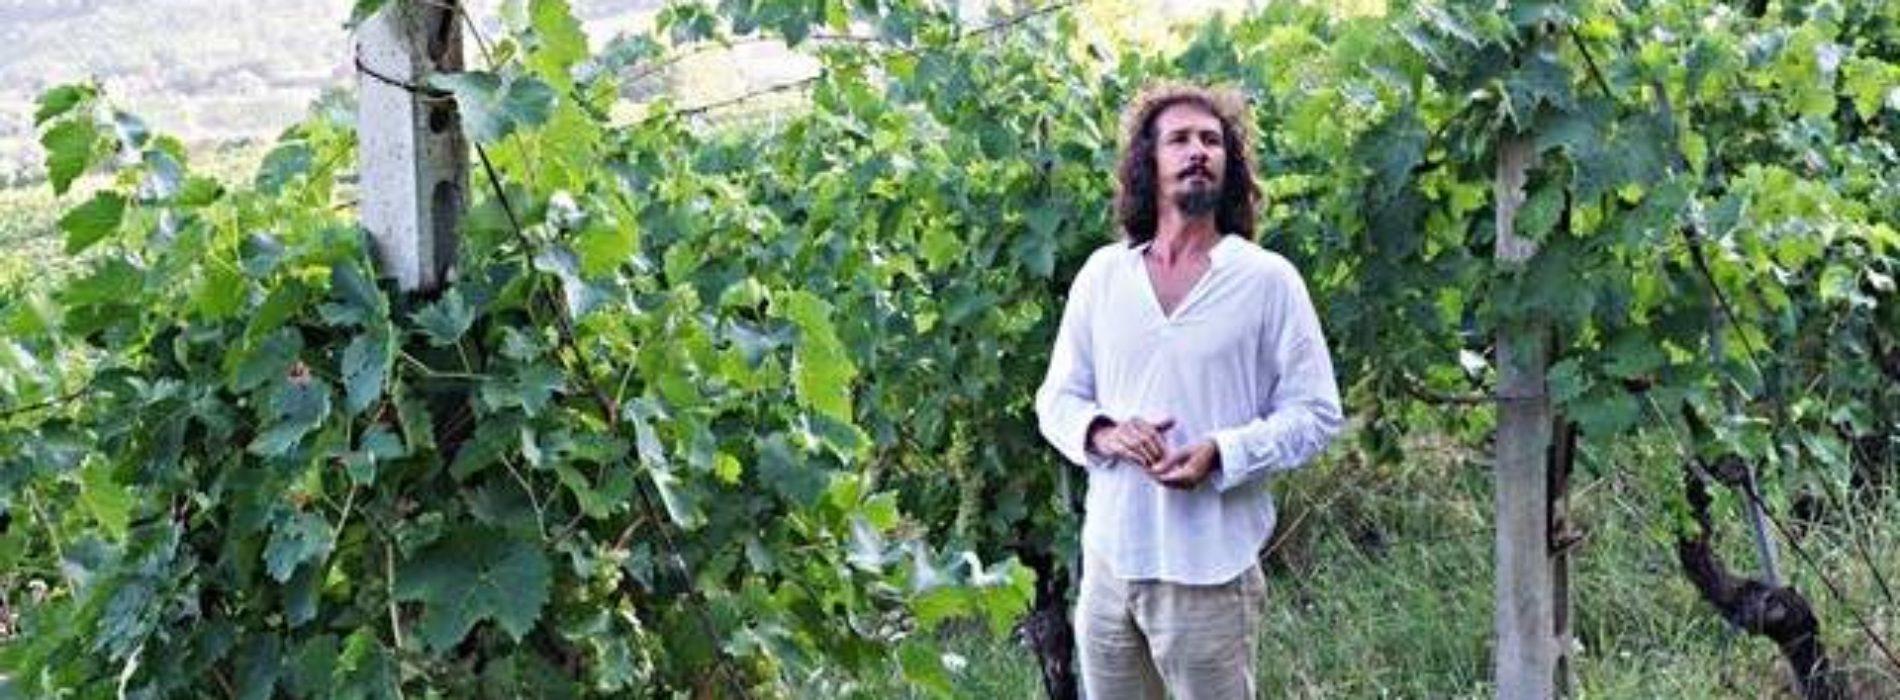 """Corrado Dottori attacca la moda di certi vini naturali: """"Omologati e fighetti, come la barrique degli anni '90, come i surmaturi del 2000"""""""